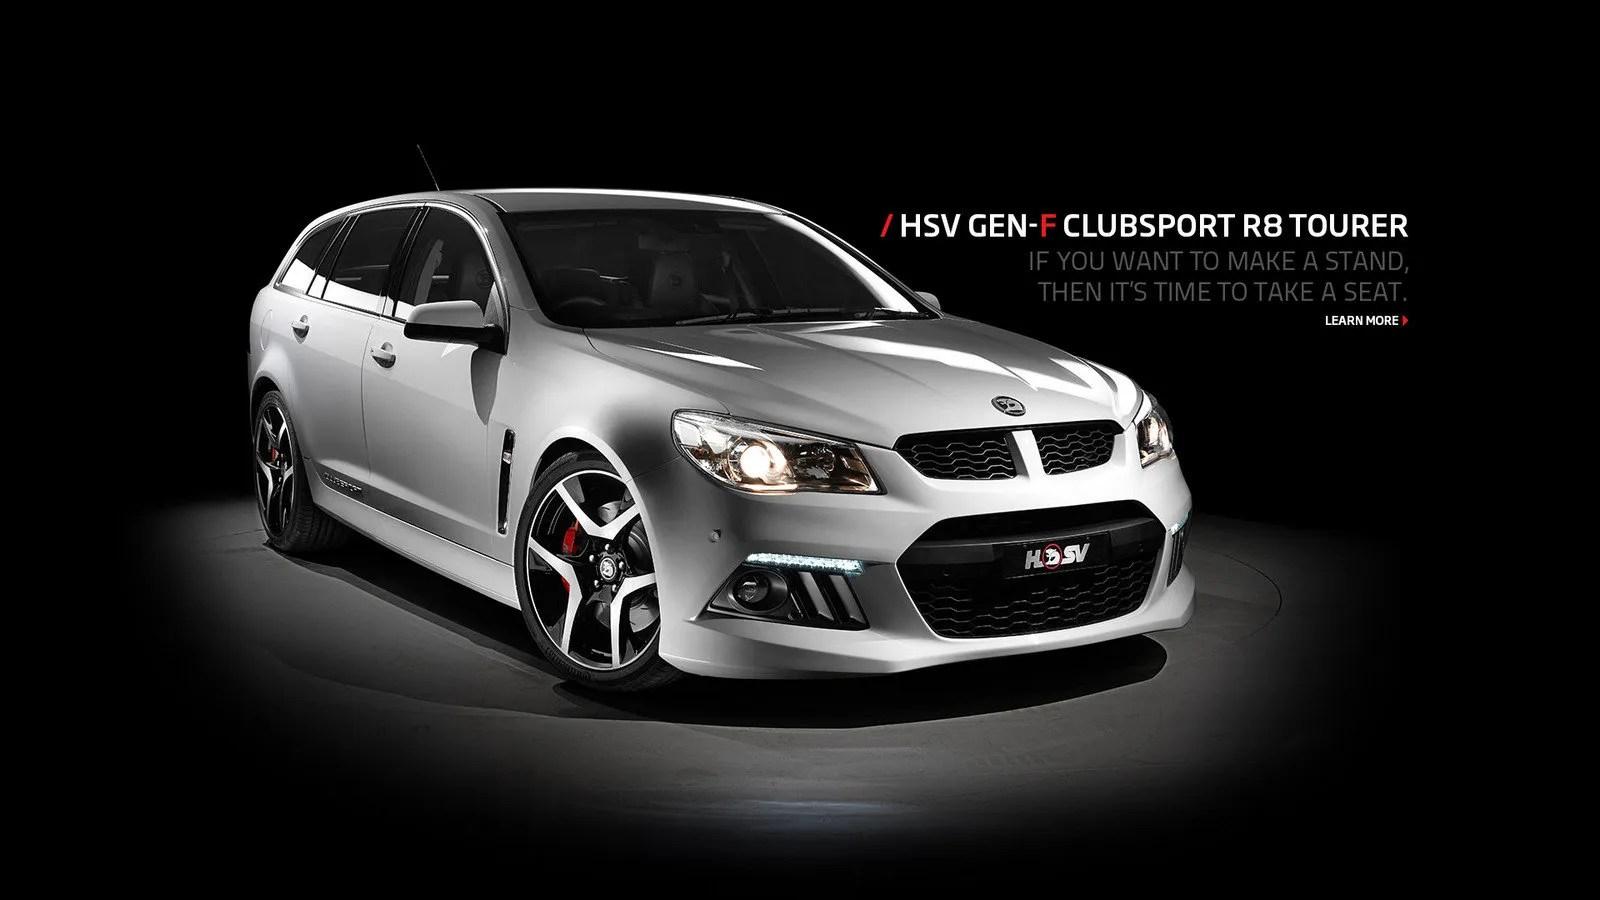 2013 Hsv Gen F Clubsport R8 Tourer Top Speed